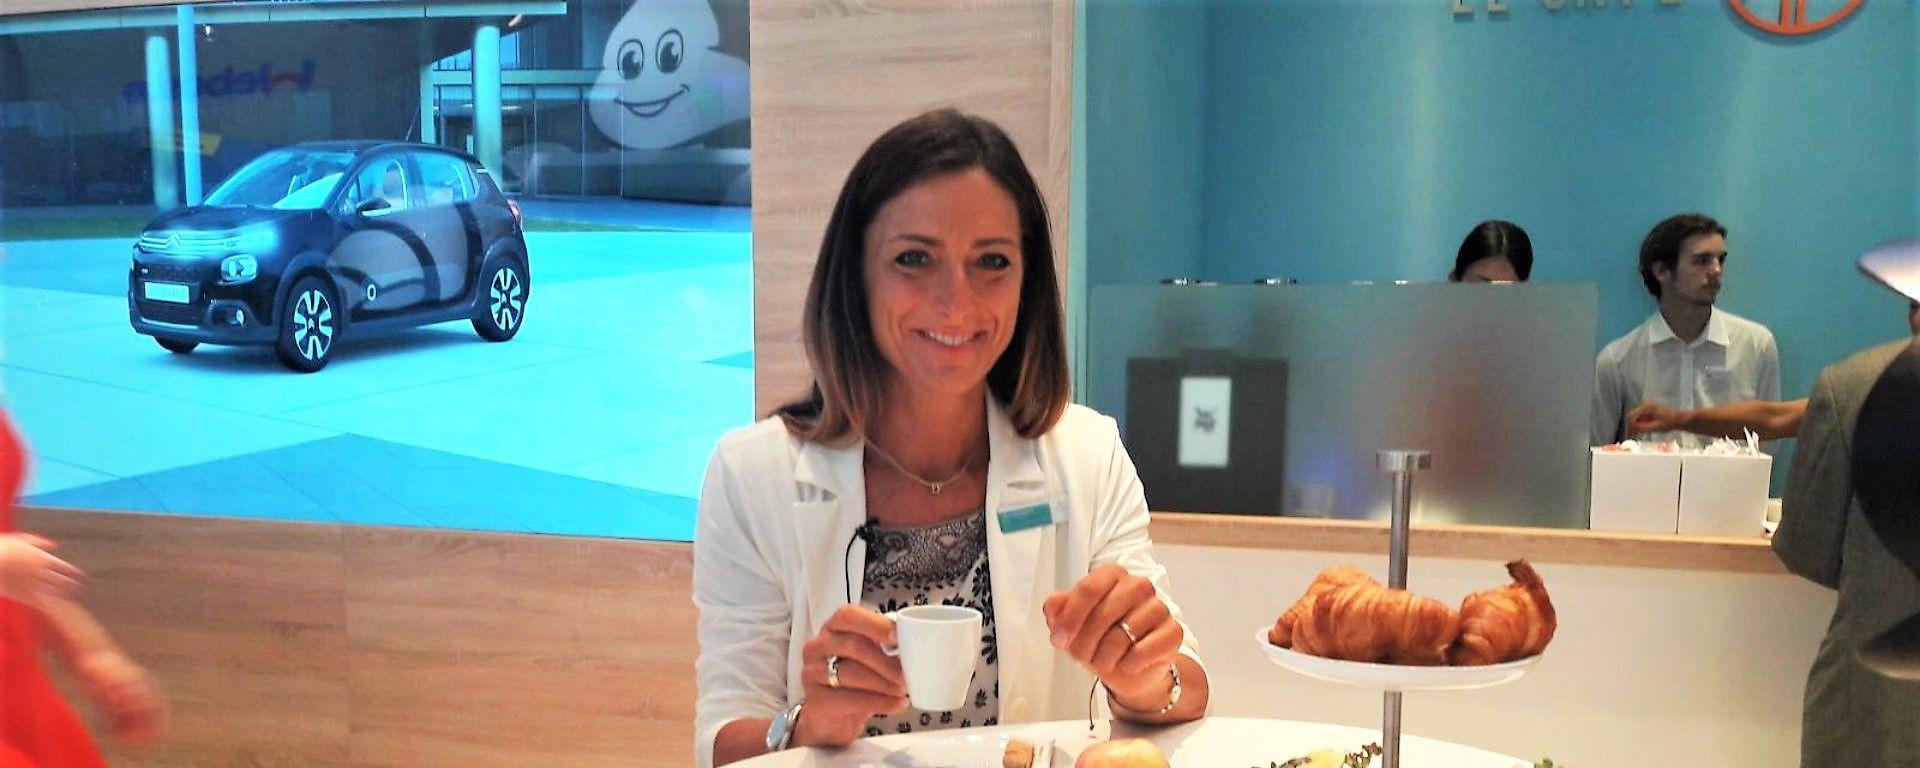 Le novità Citroen raccontate da Elena Fumagalli, Responsabile Comunicazione di Citroen Italia